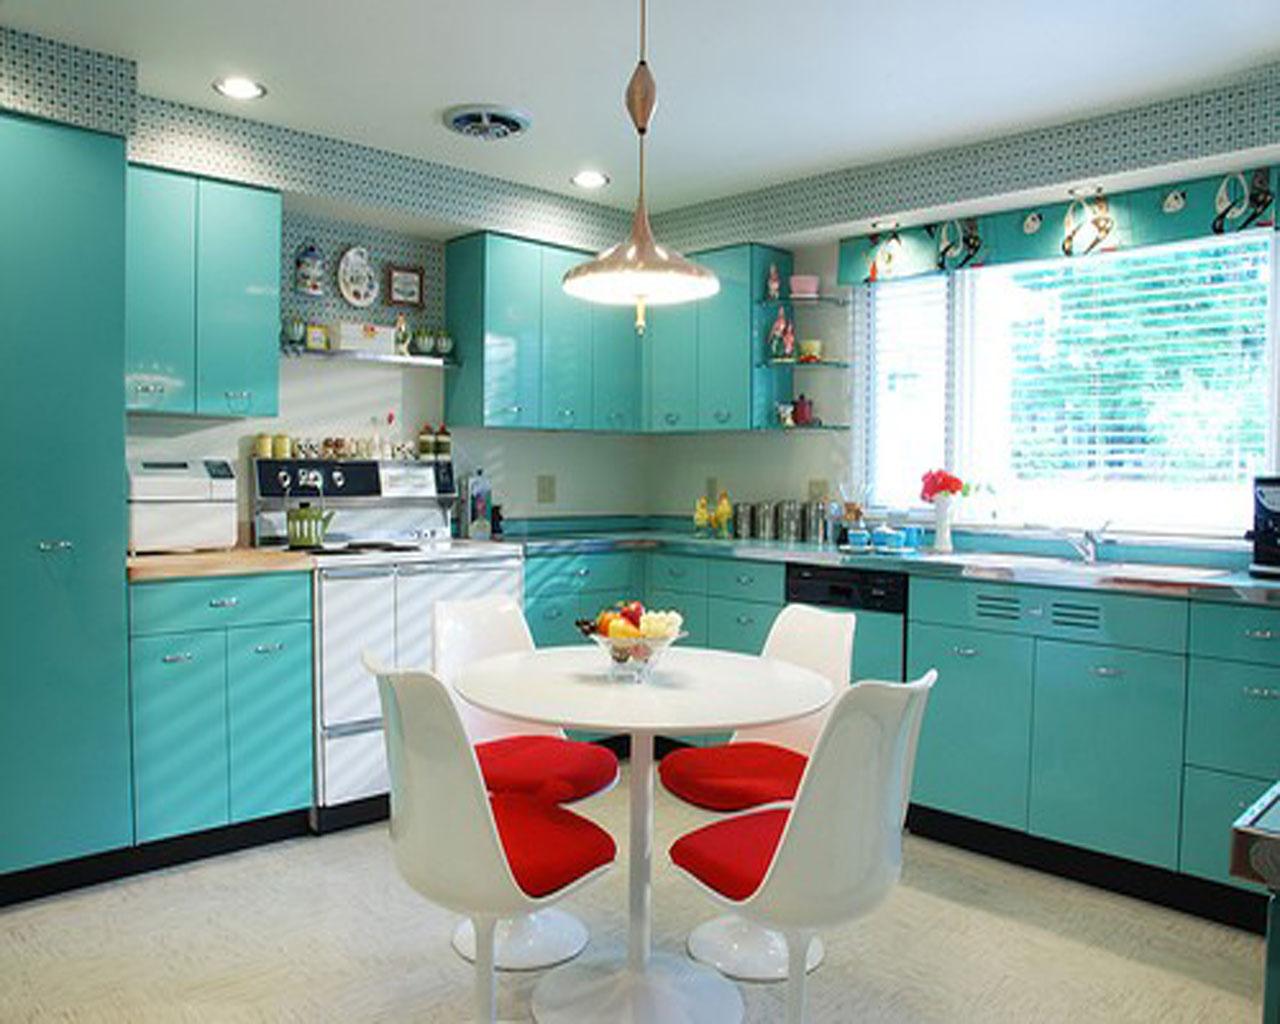 Thiết kế không gian cho nhà bếp của bạn (6)